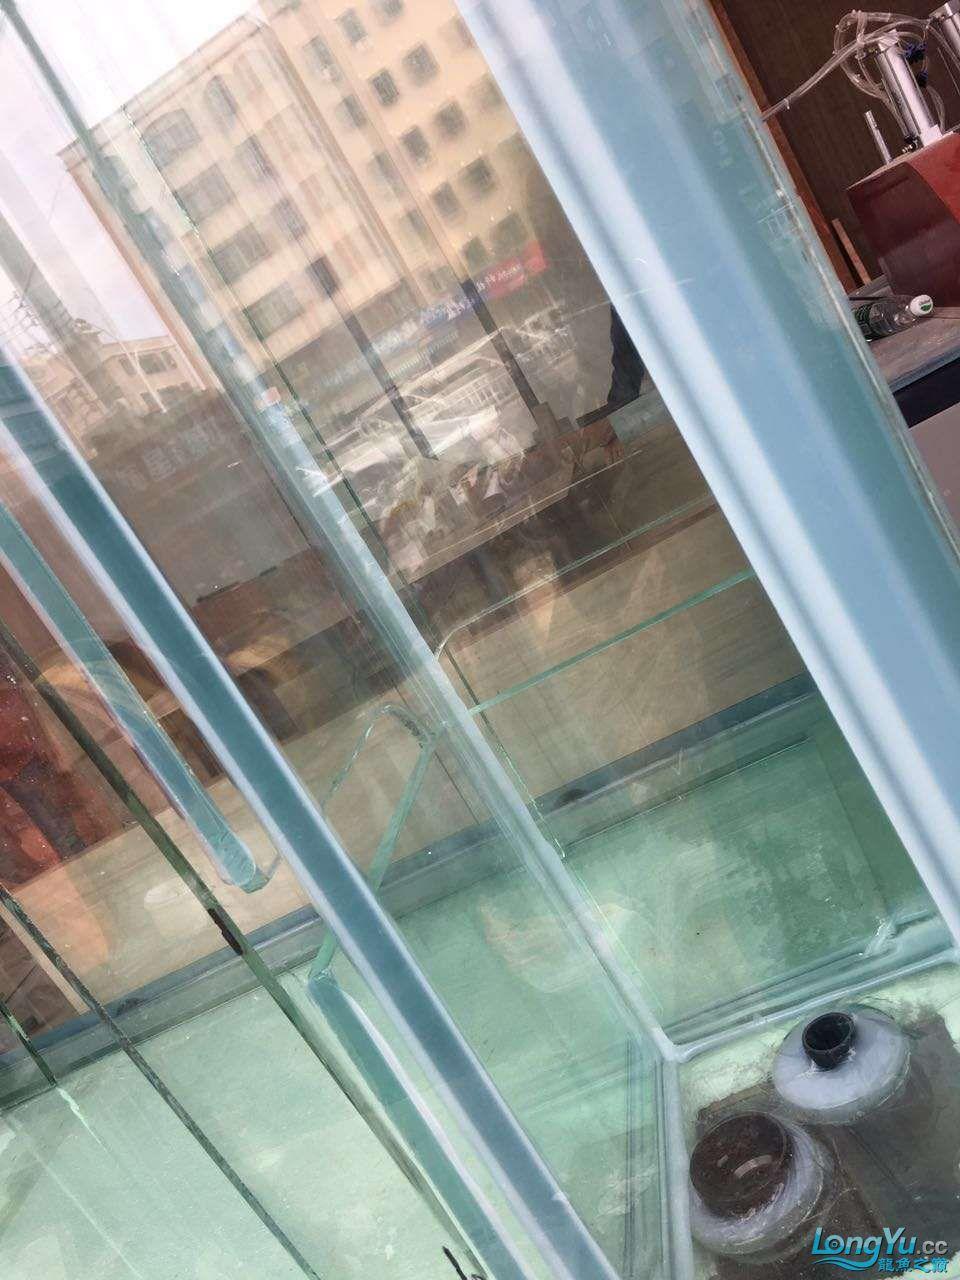 延安鱼缸水族箱批发辉煌水族7米鱼缸上缸1300现场制作过程多图慎完工 延安观赏鱼 延安龙鱼第81张